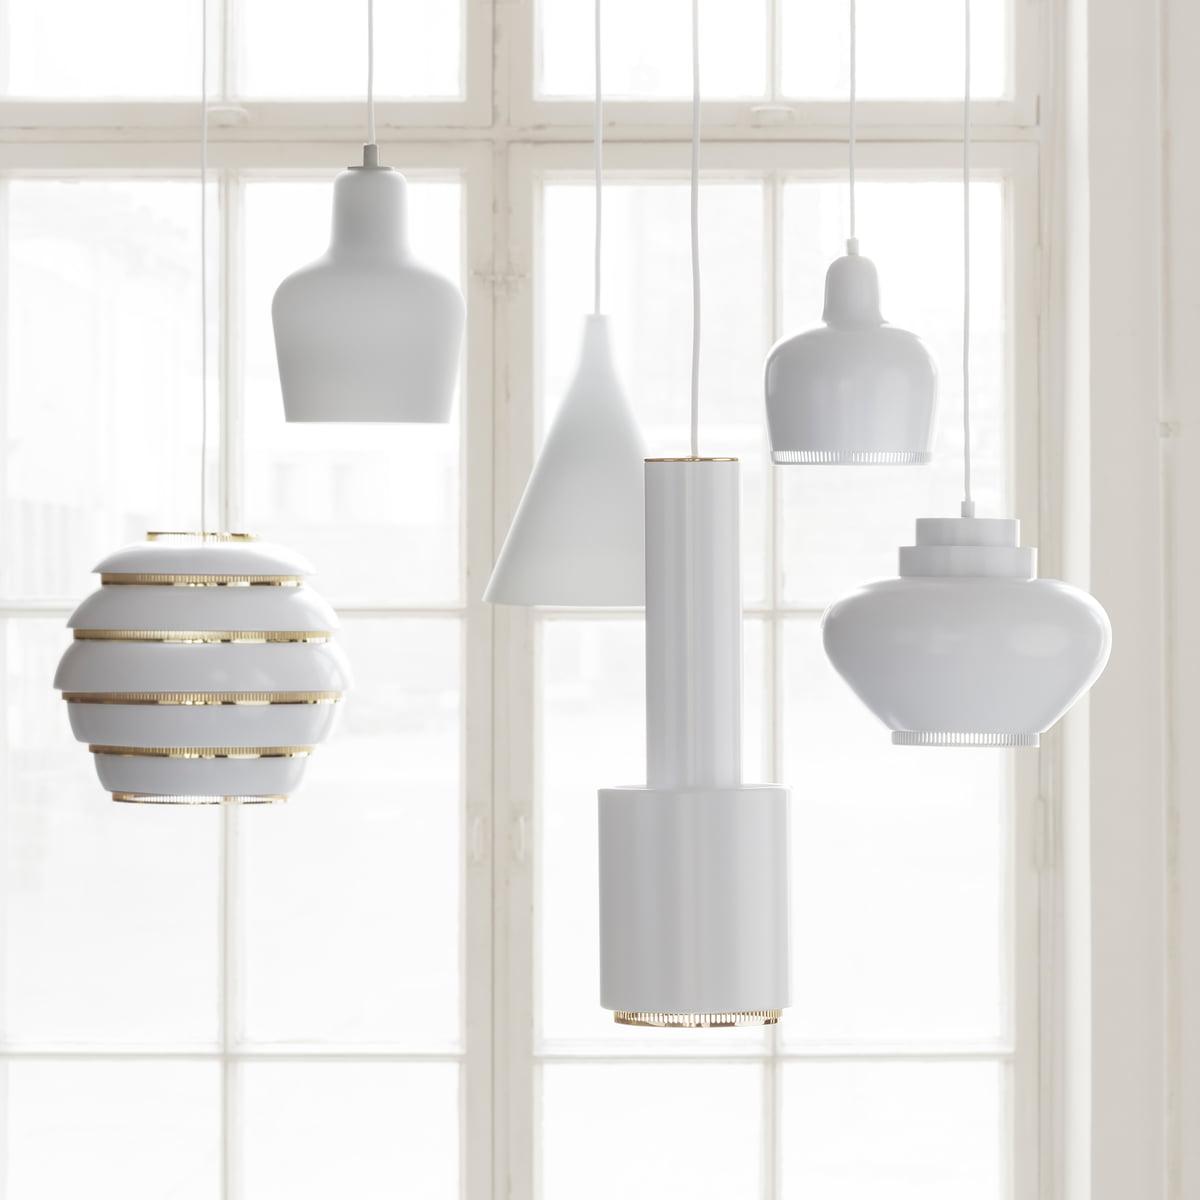 pendant lamp a hand grenade by artek - lights by alvar aalto for artek